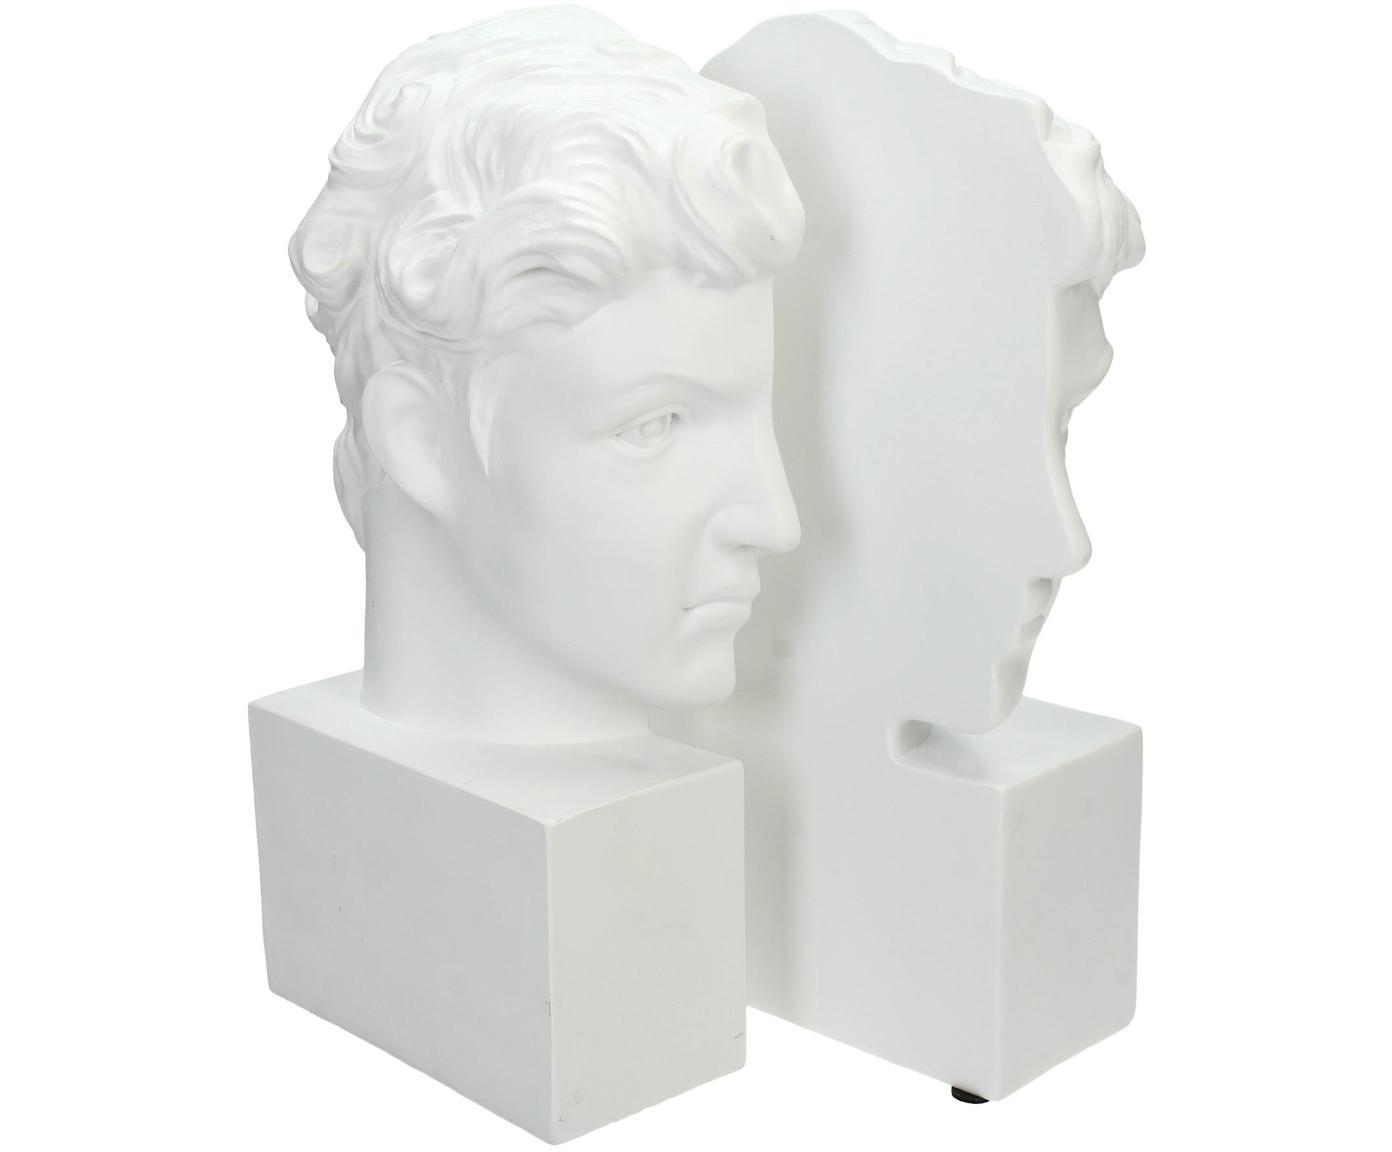 Podpórka do książek David, 2 szt., Poliresing, Biały, S 15 x W 26 cm